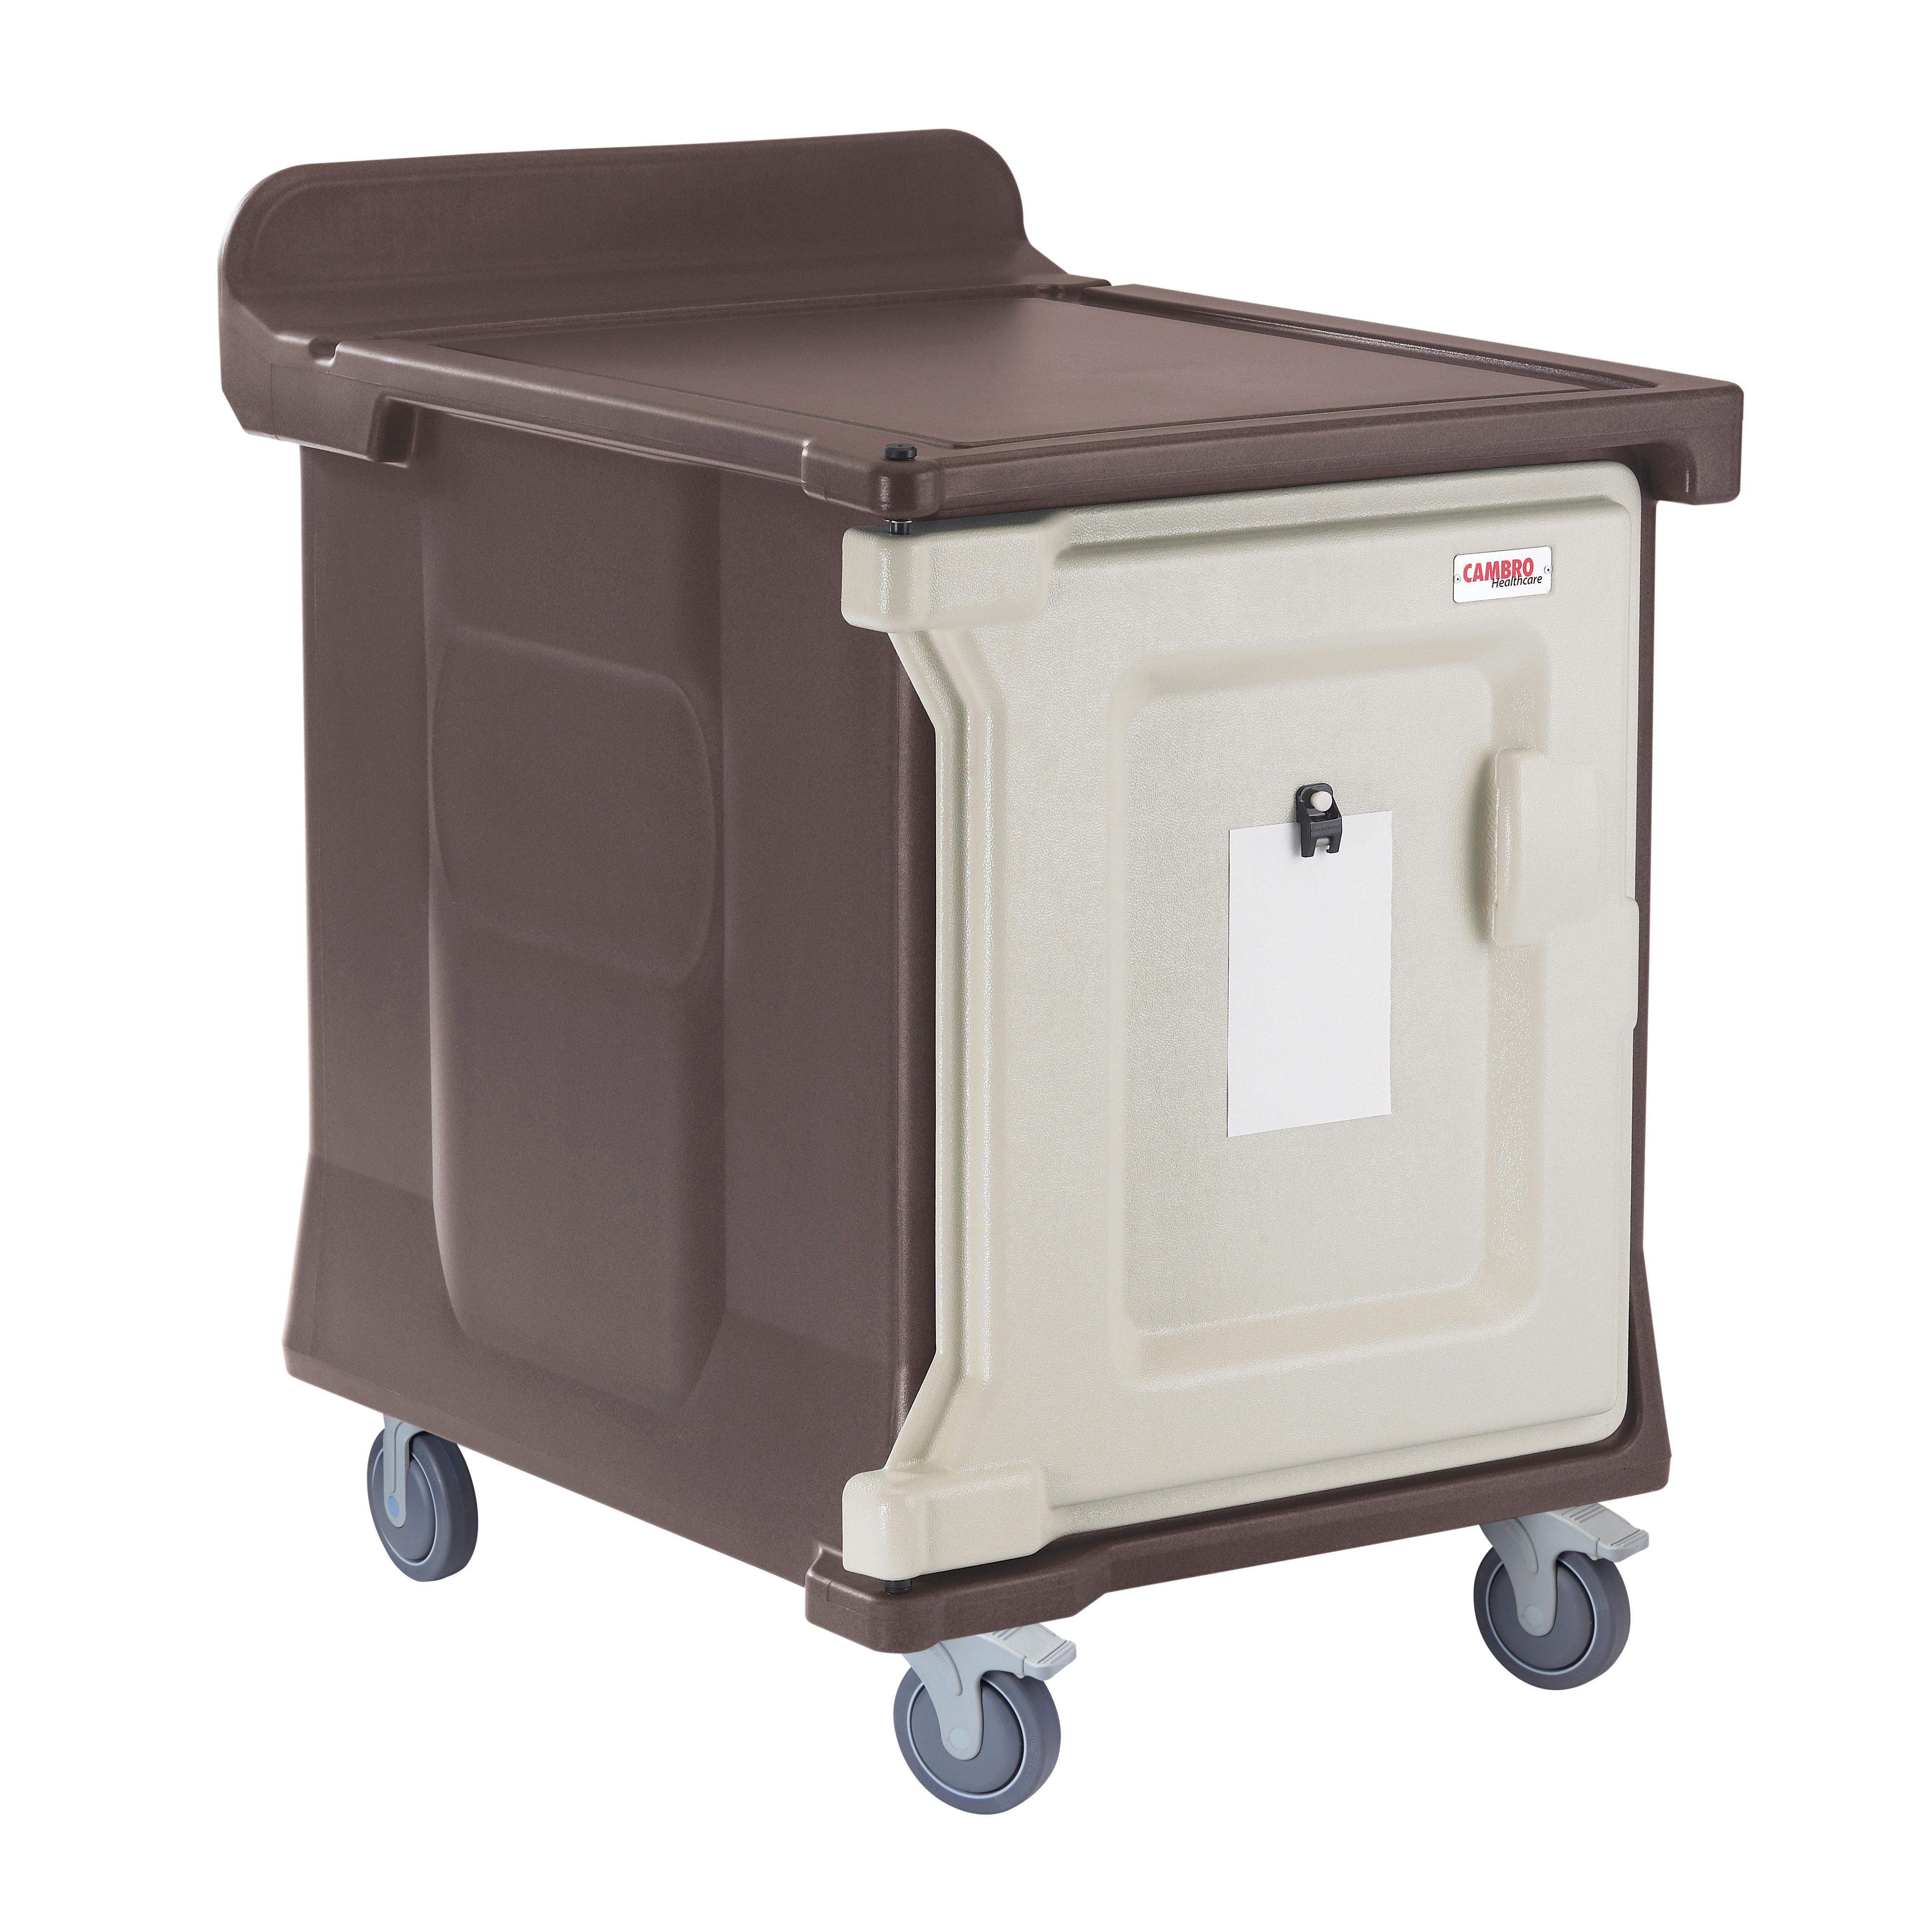 Cambro MDC1520S10DH194 utility carts